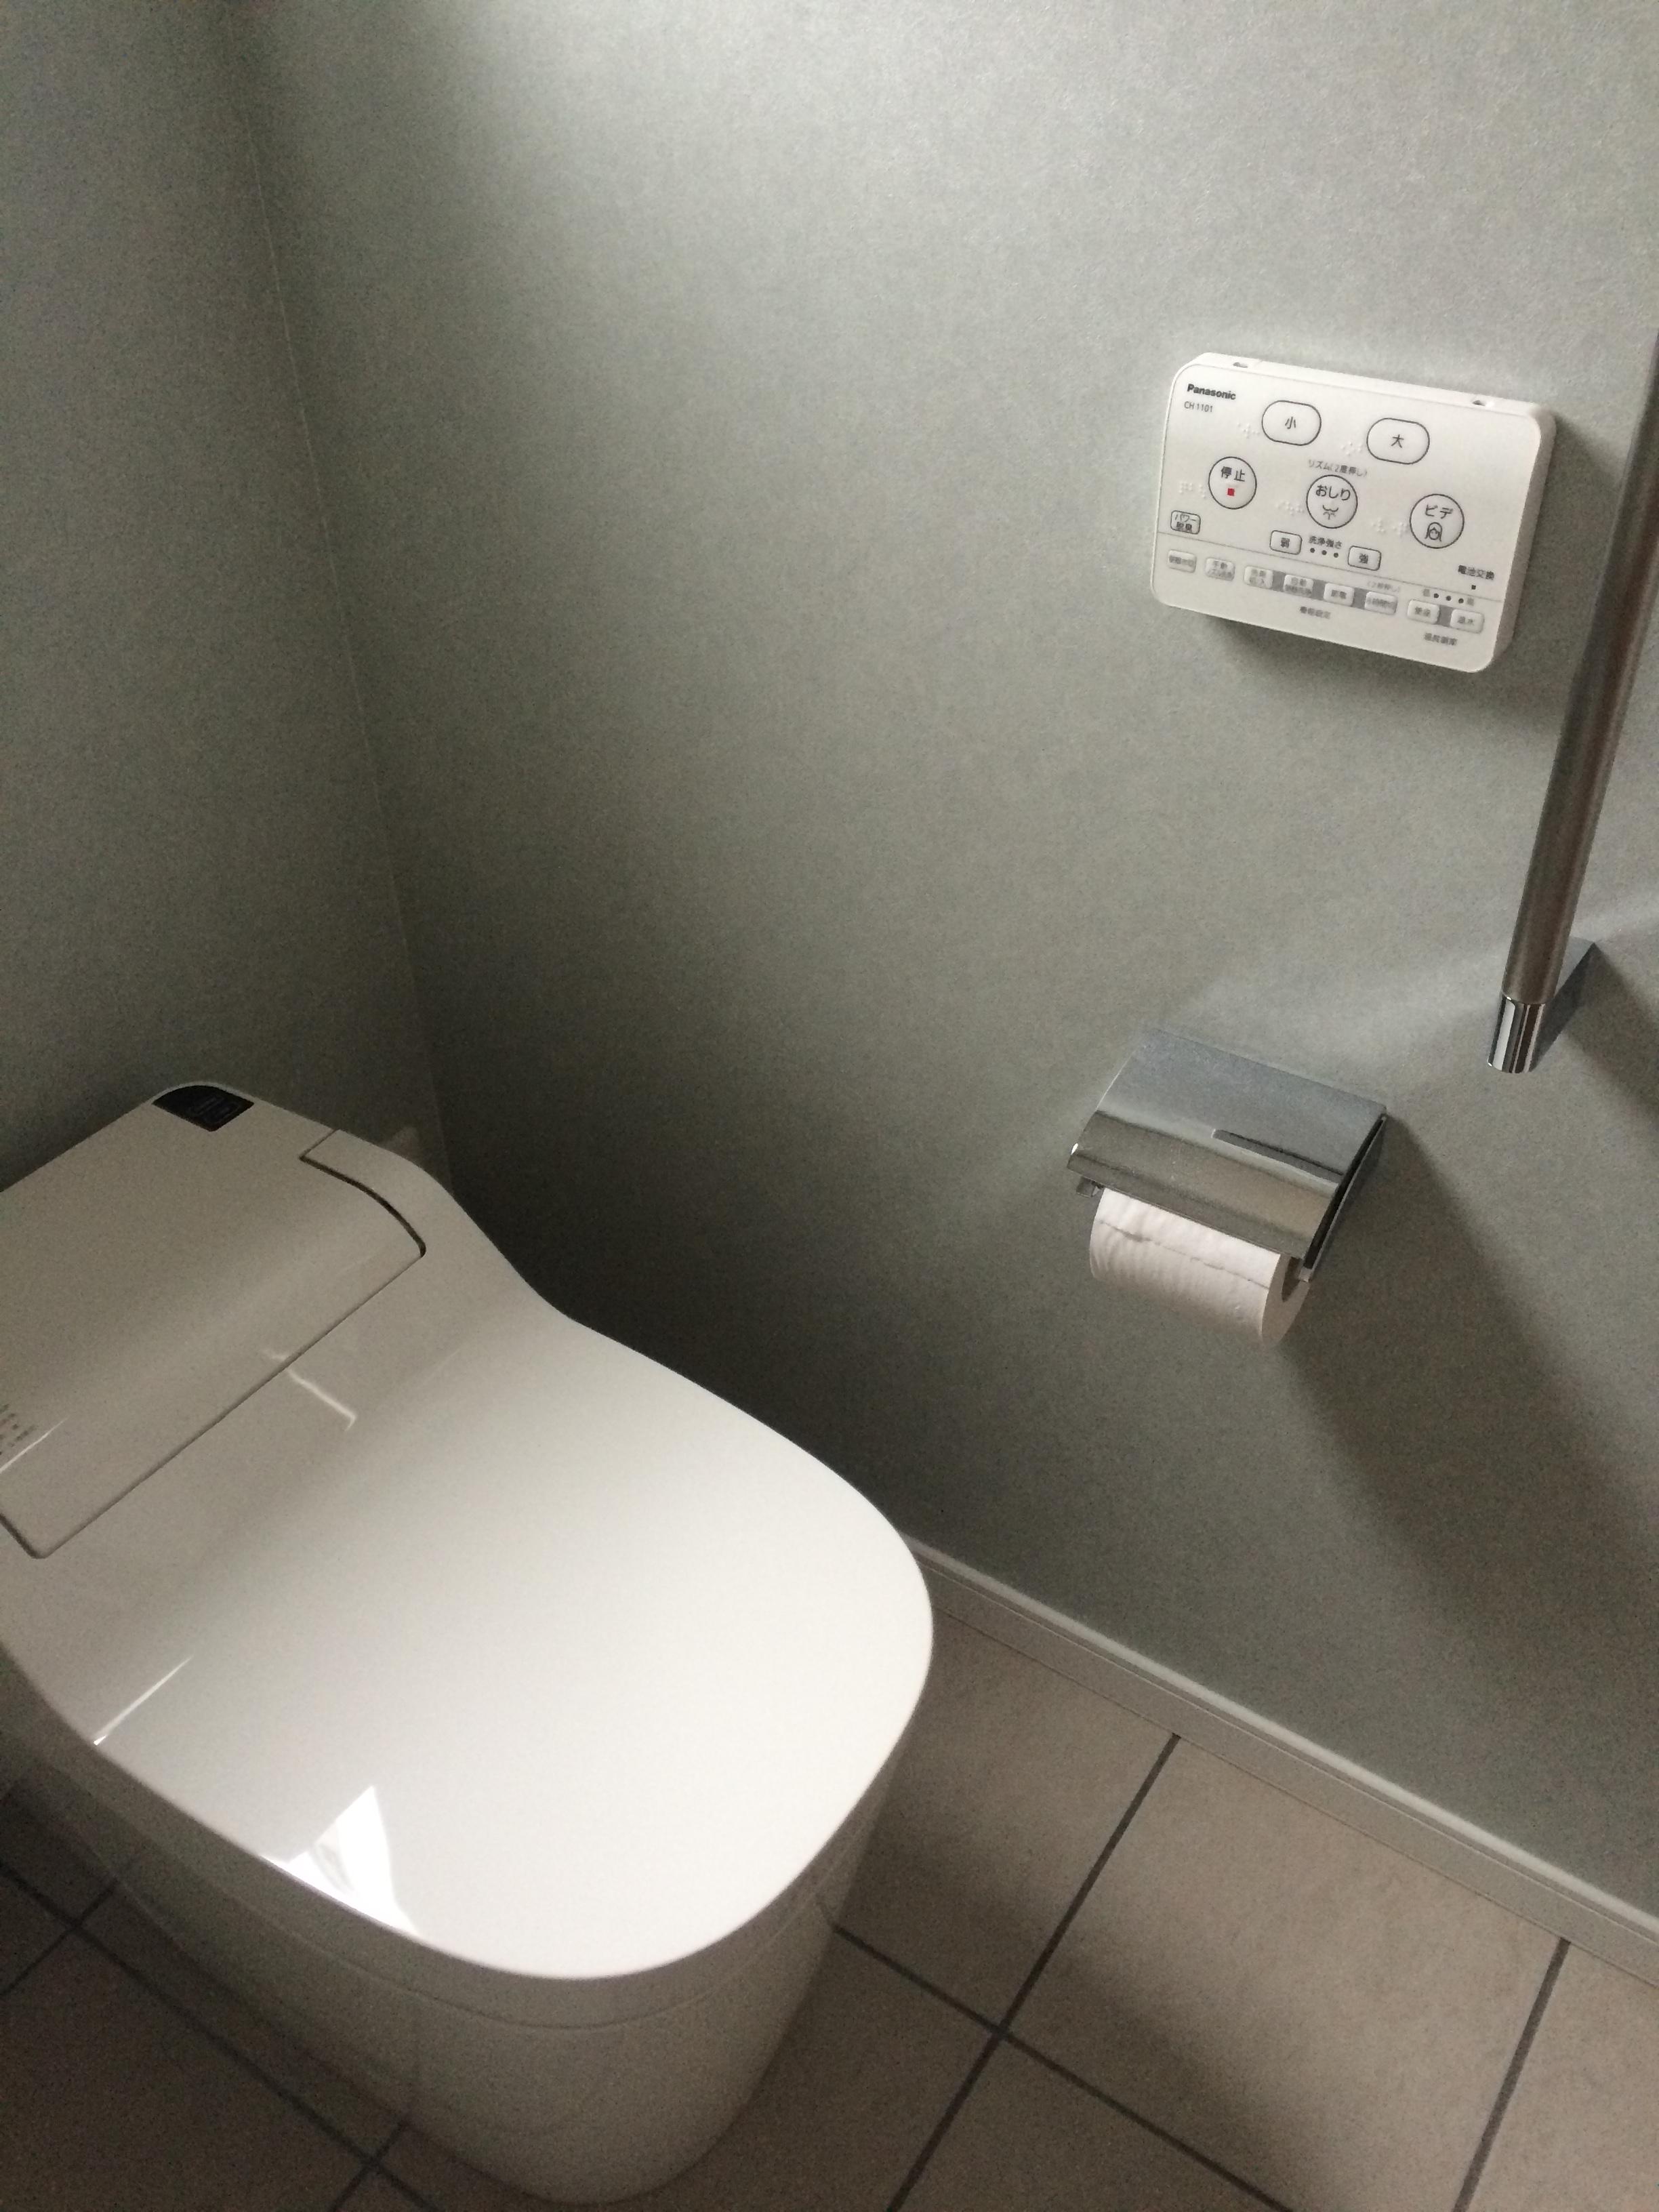 WEB内覧会】無駄に広いw【トイレ】